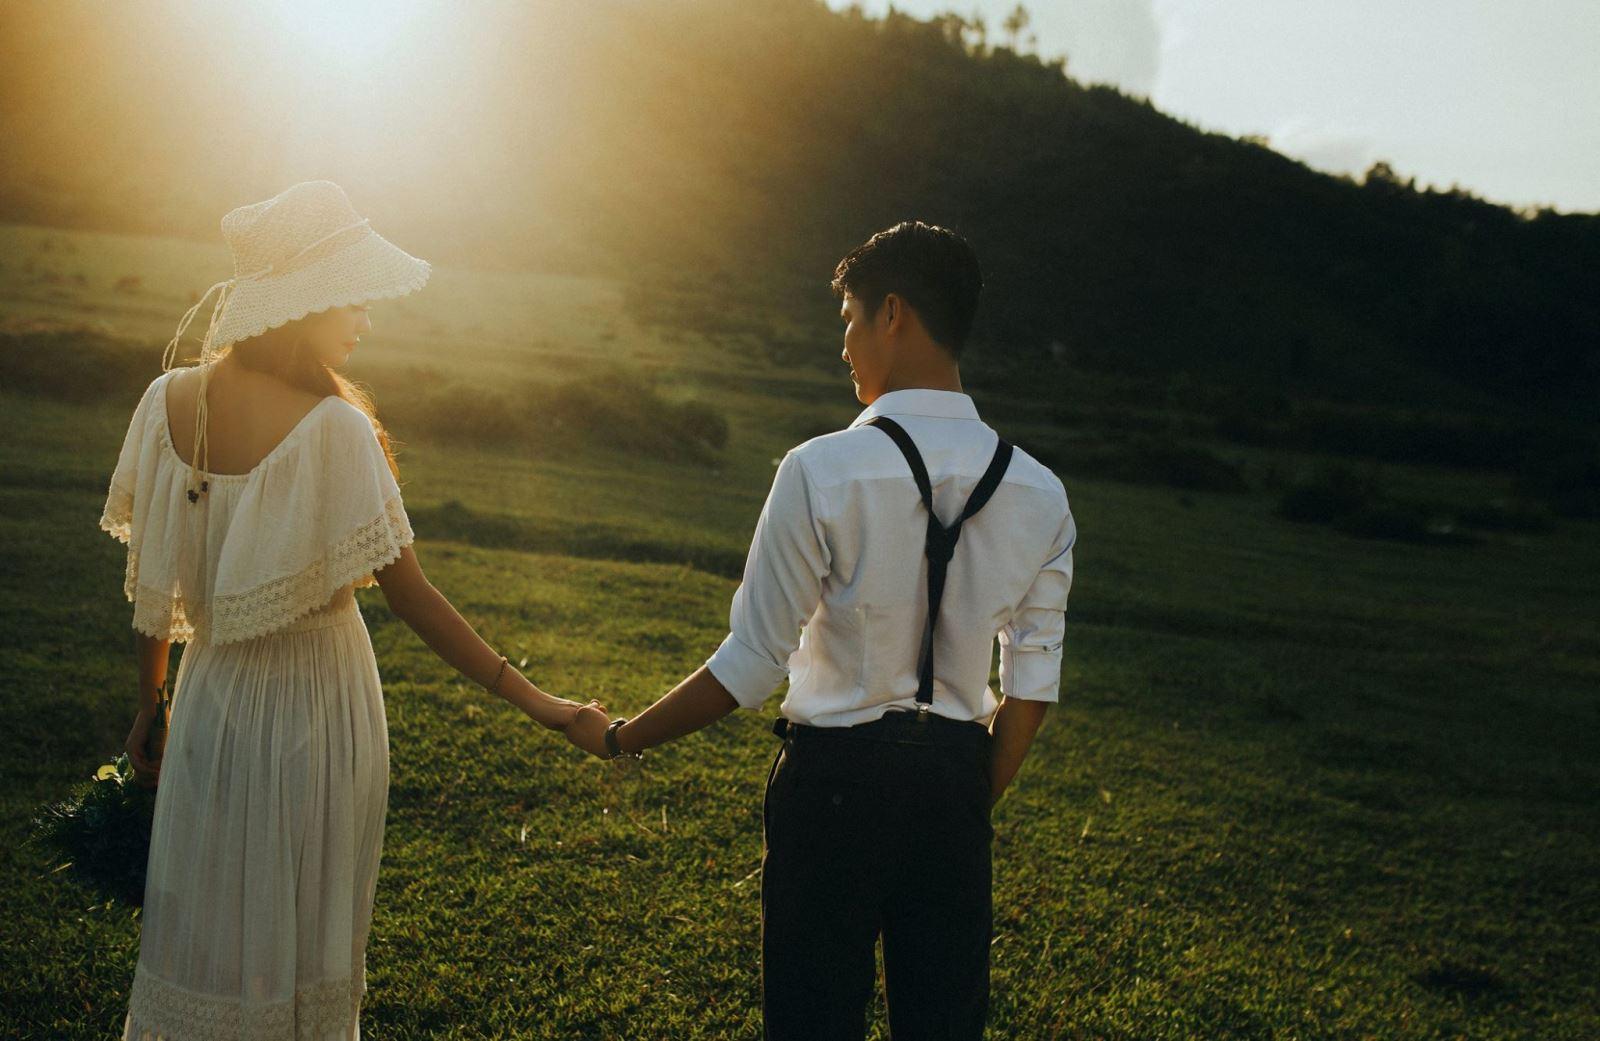 Tâm sự kẻ thứ ba: Tôi vô tình chen chân vào hạnh phúc của người khác vì quá cô đơn